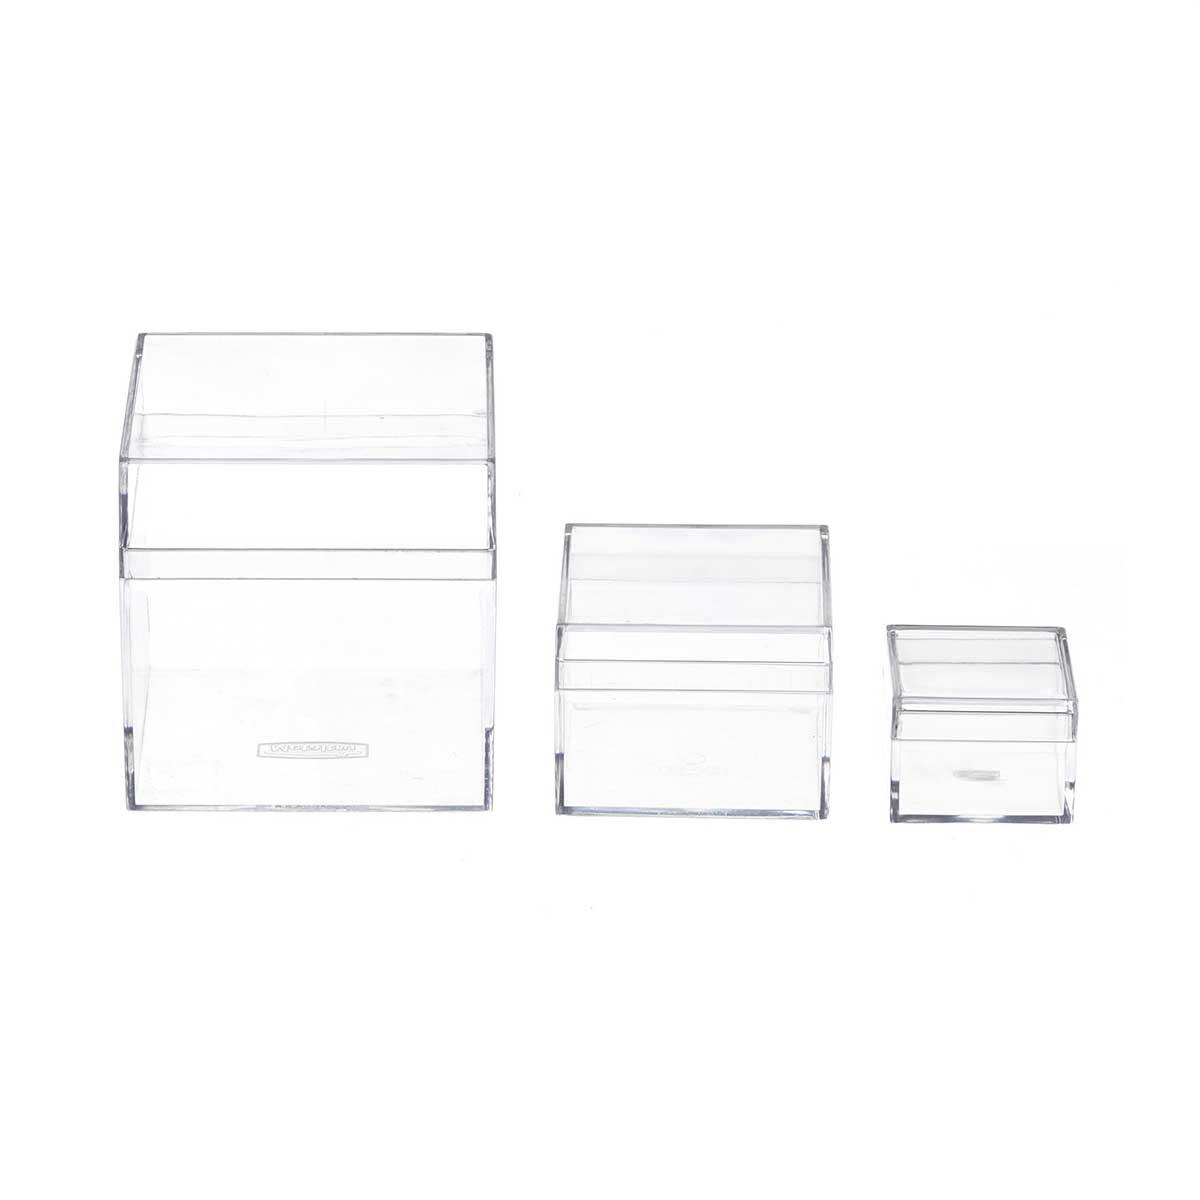 Caixinhas de Acrílico Transparente Kit 3 Tamanhos